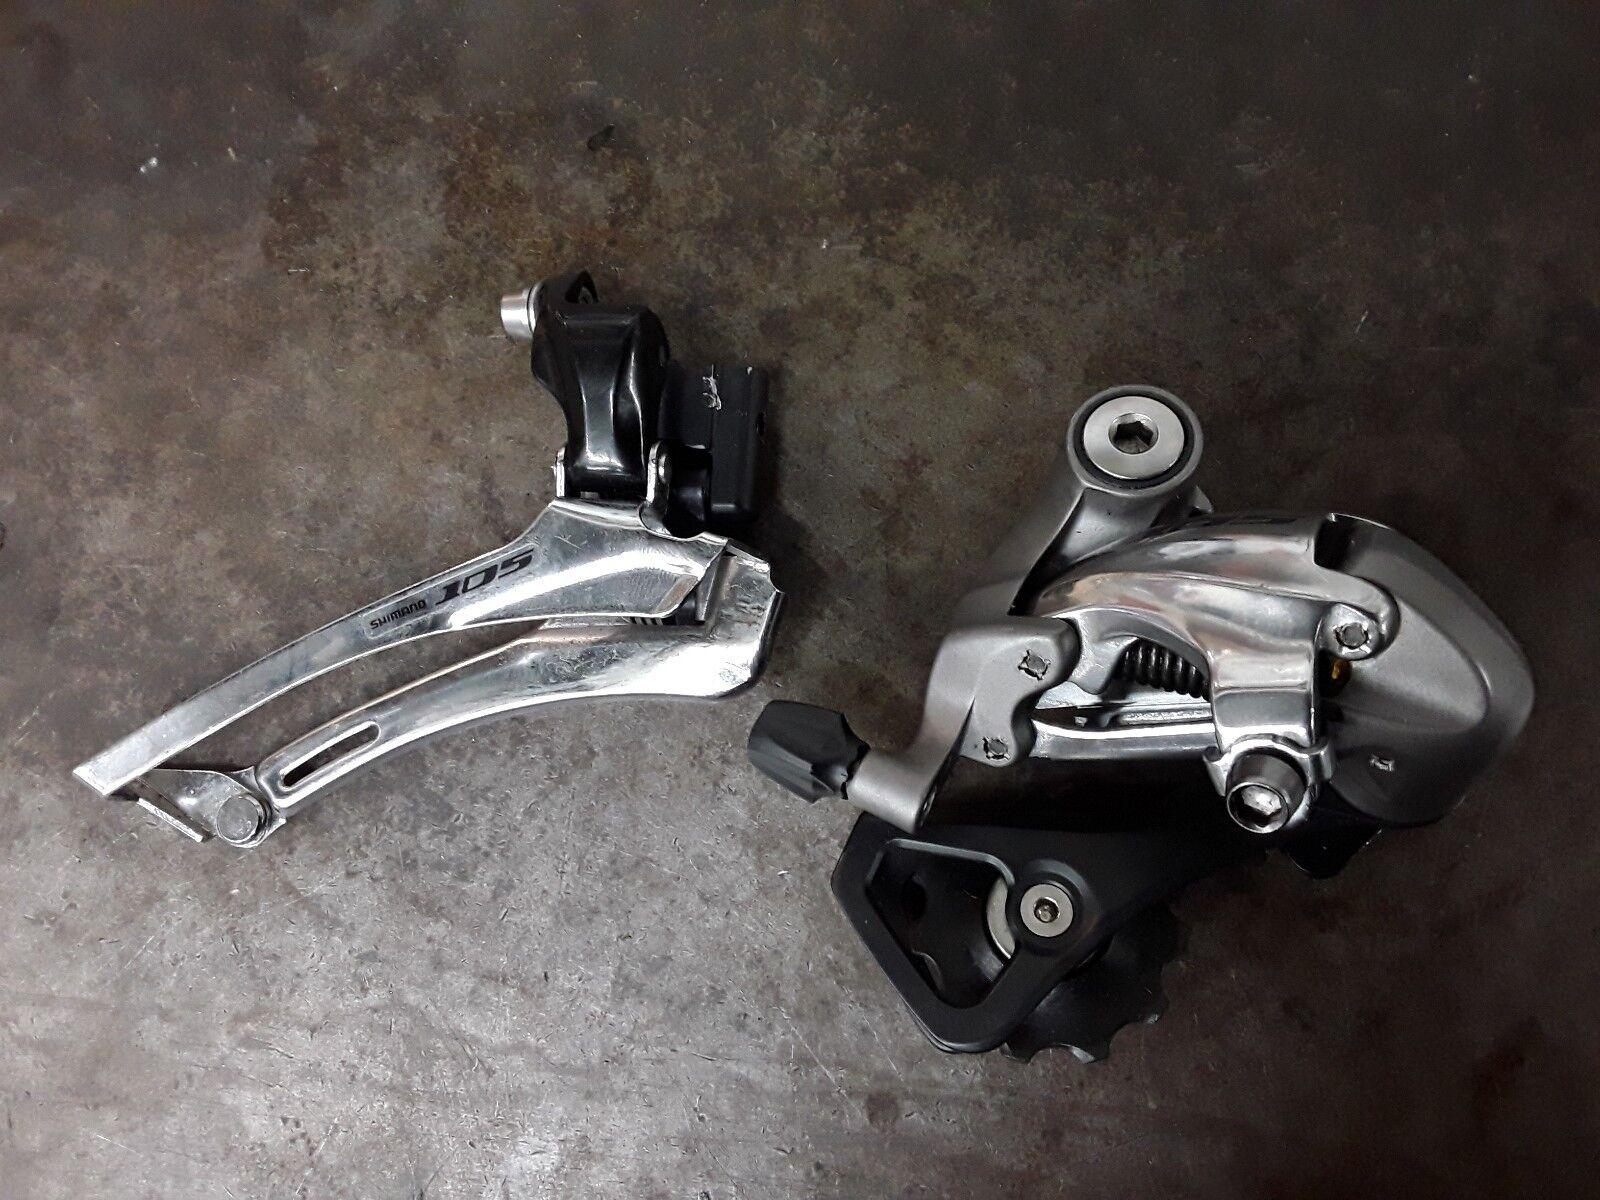 Utiliza Shimano 105 2x10 conjunto de desviador delantero y trasero